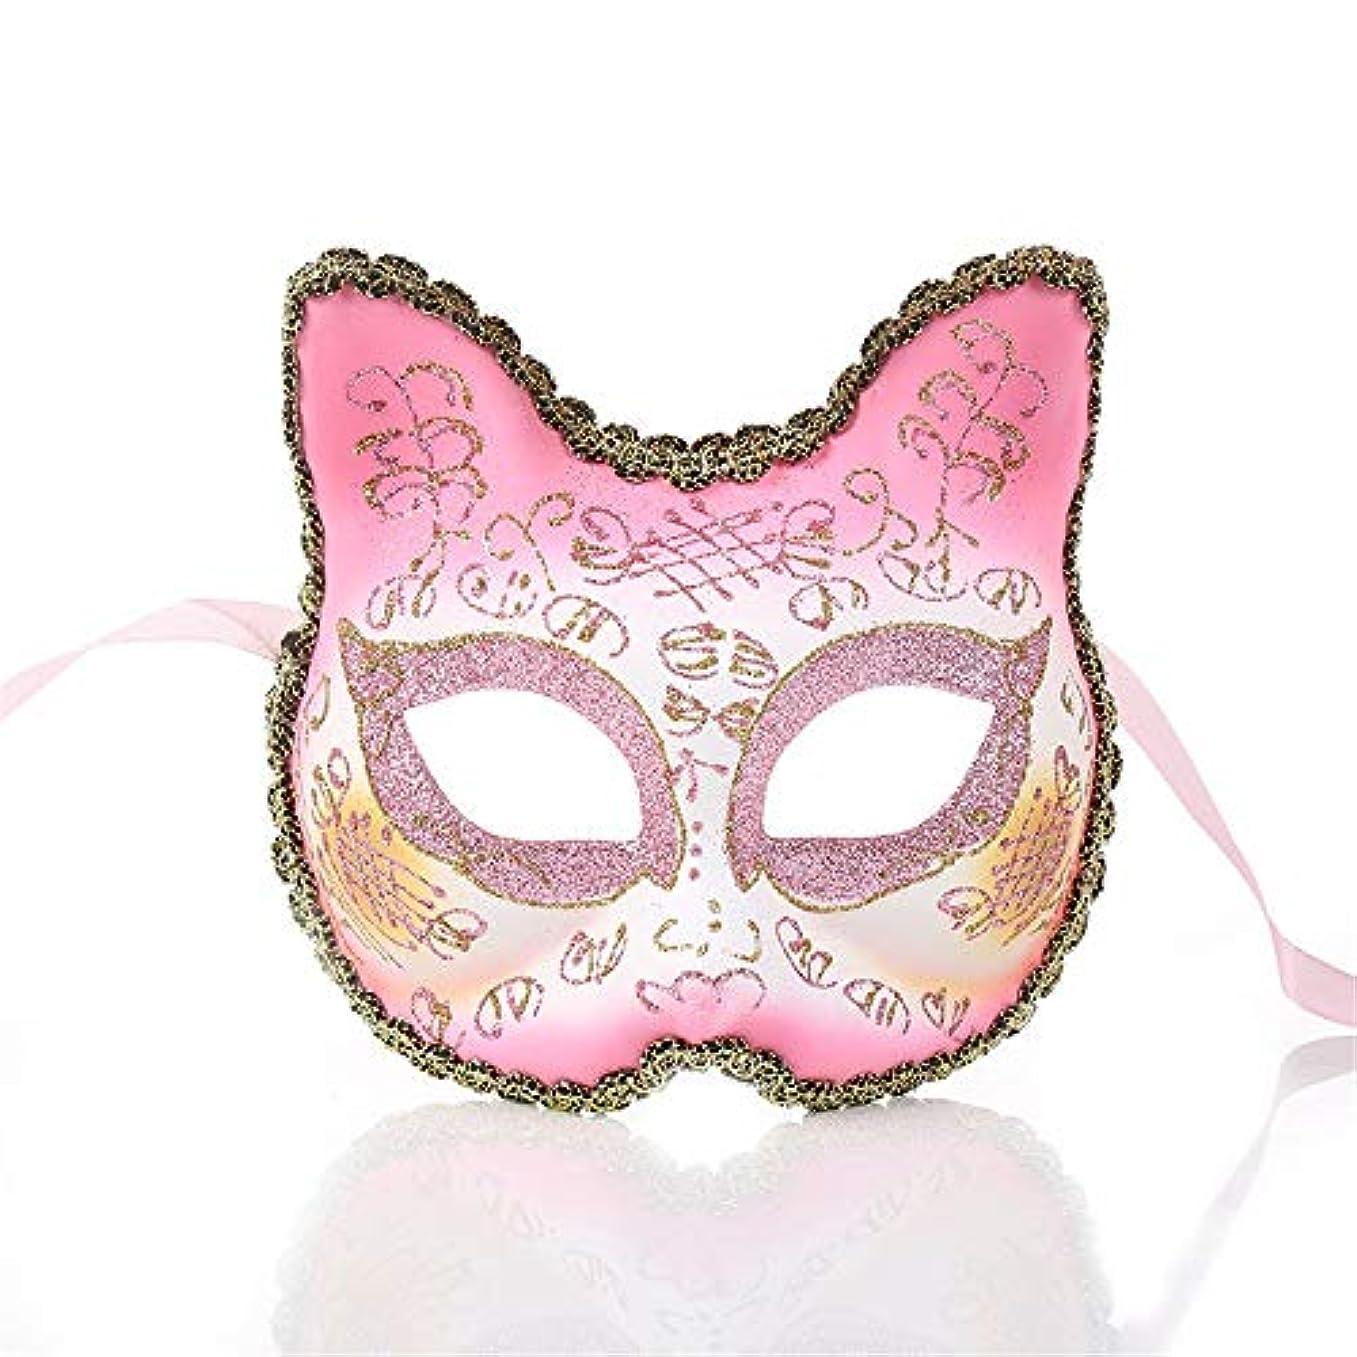 ダイバー時計回り締めるダンスマスク ワイルドマスカレードロールプレイングパーティーの小道具ナイトクラブのマスクの雰囲気クリスマスフェスティバルロールプレイングプラスチックマスク ホリデーパーティー用品 (色 : ピンク, サイズ : 13x13cm)